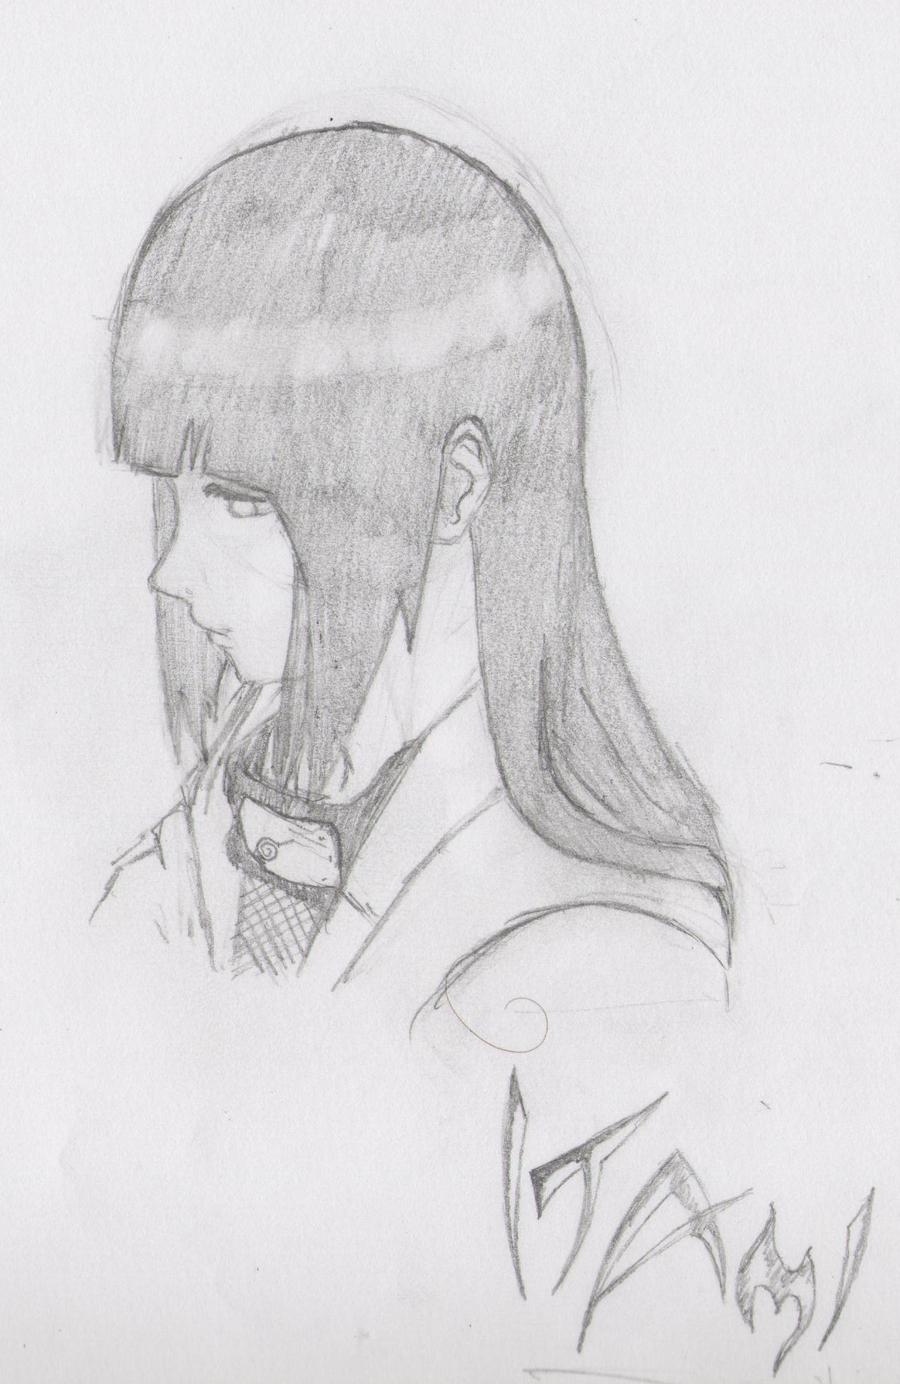 Sad Hinata by Itami-Tan